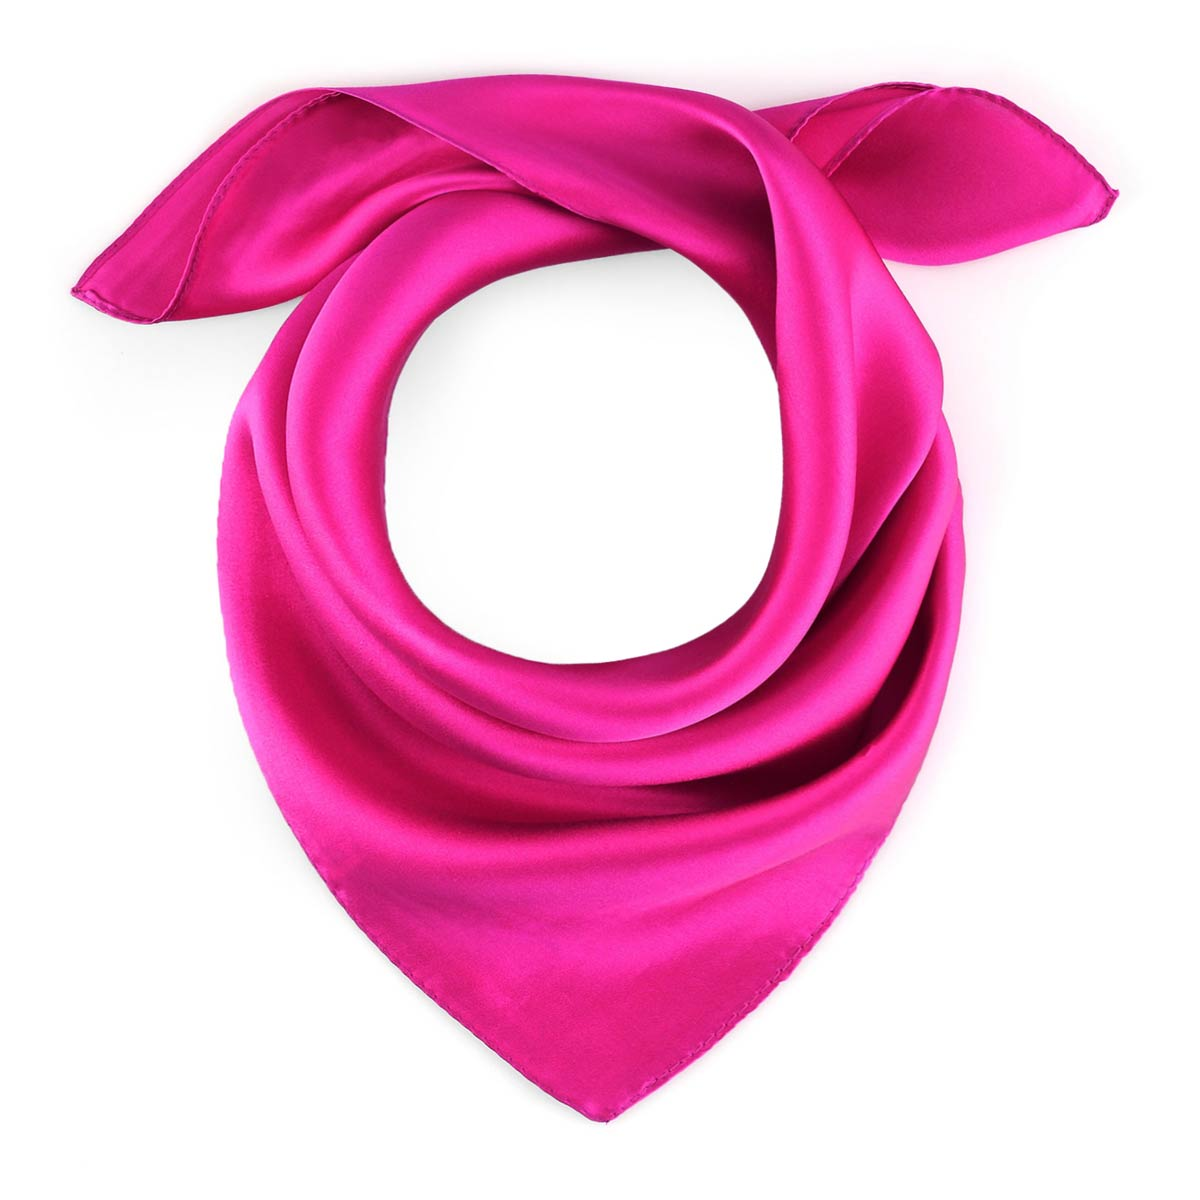 _Carre-de-soie-piccolo-rose-fuchsia-uni